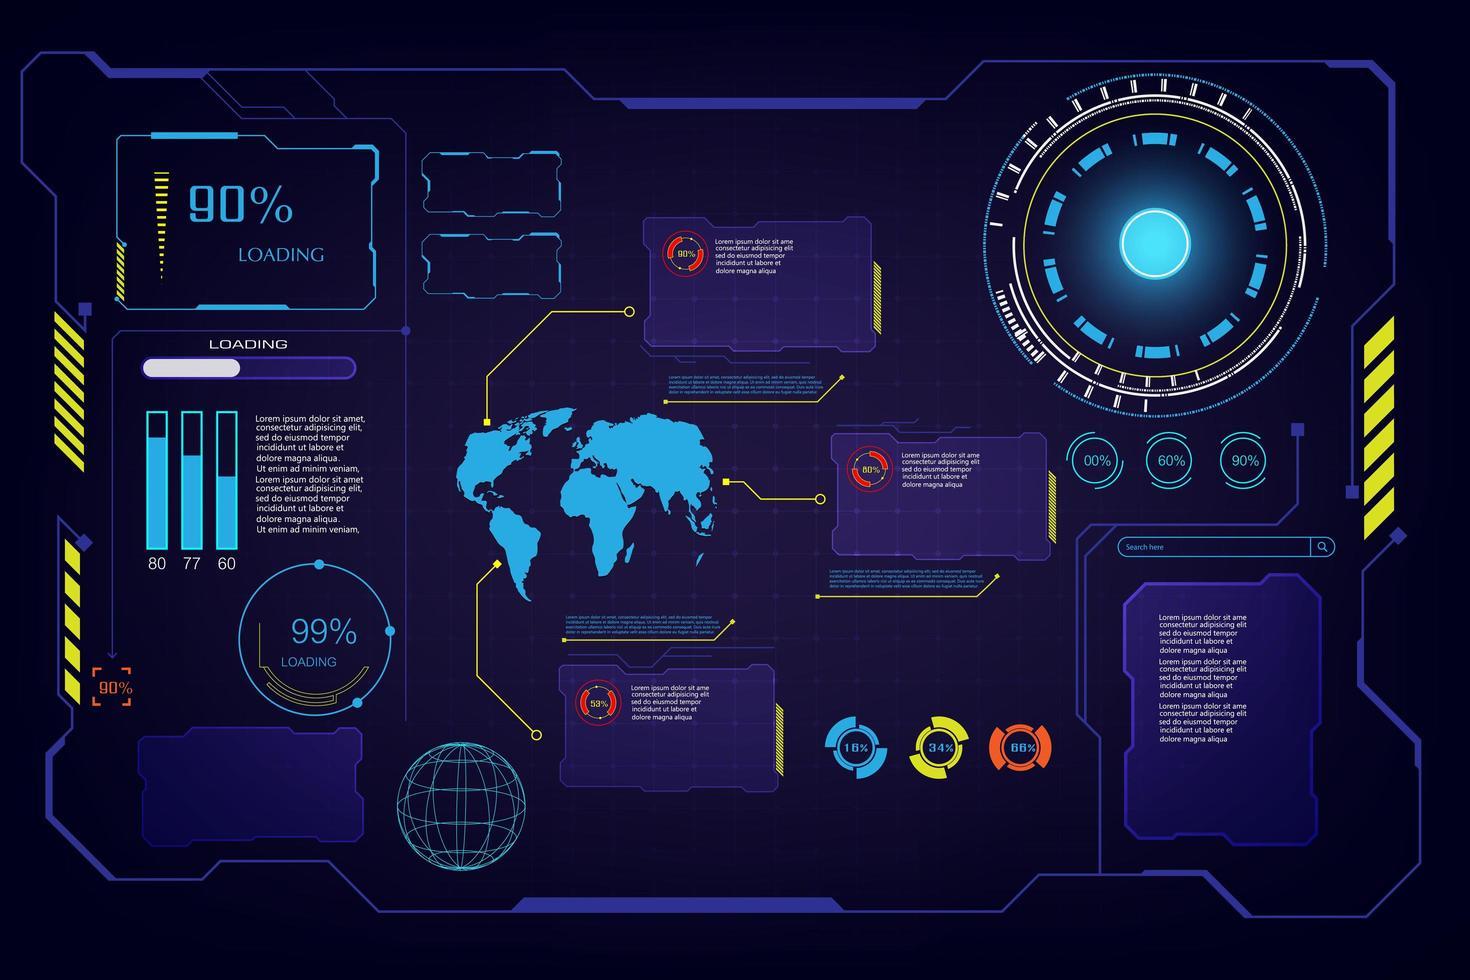 conjunto de elementos de interfaz futurista gui vector